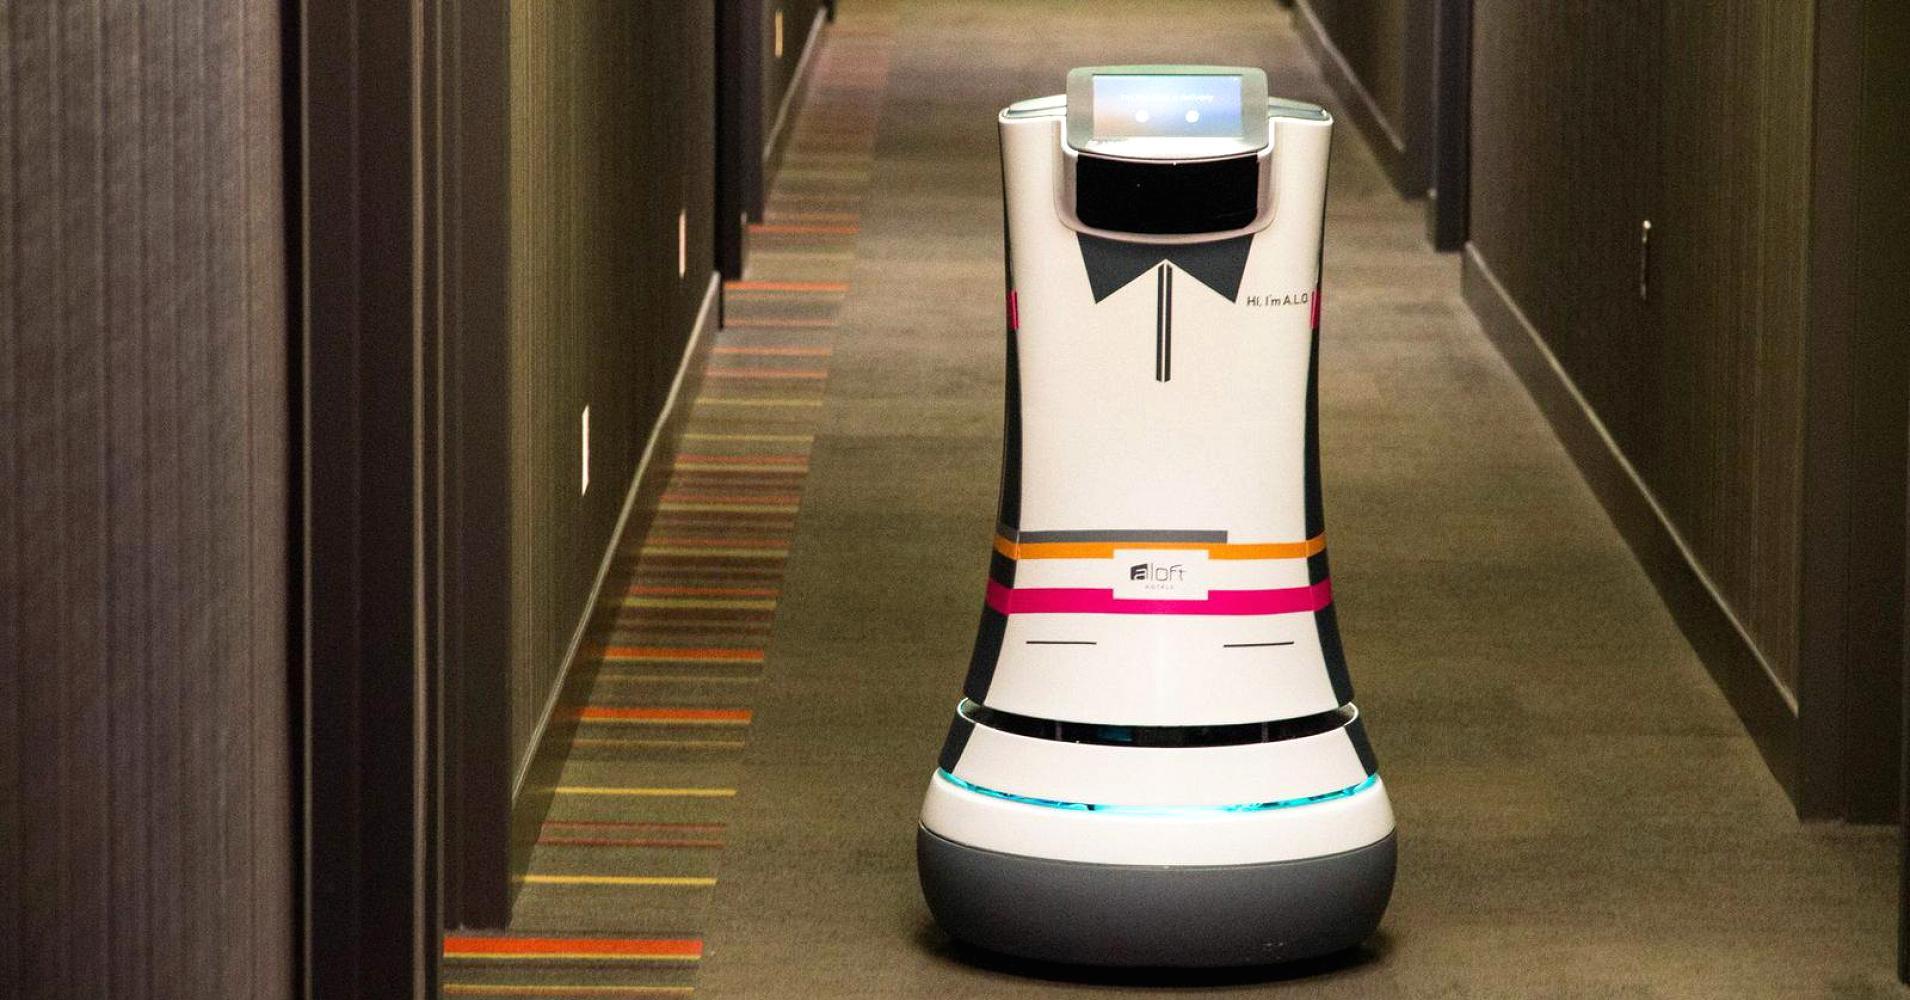 Робот дворецкий своими руками